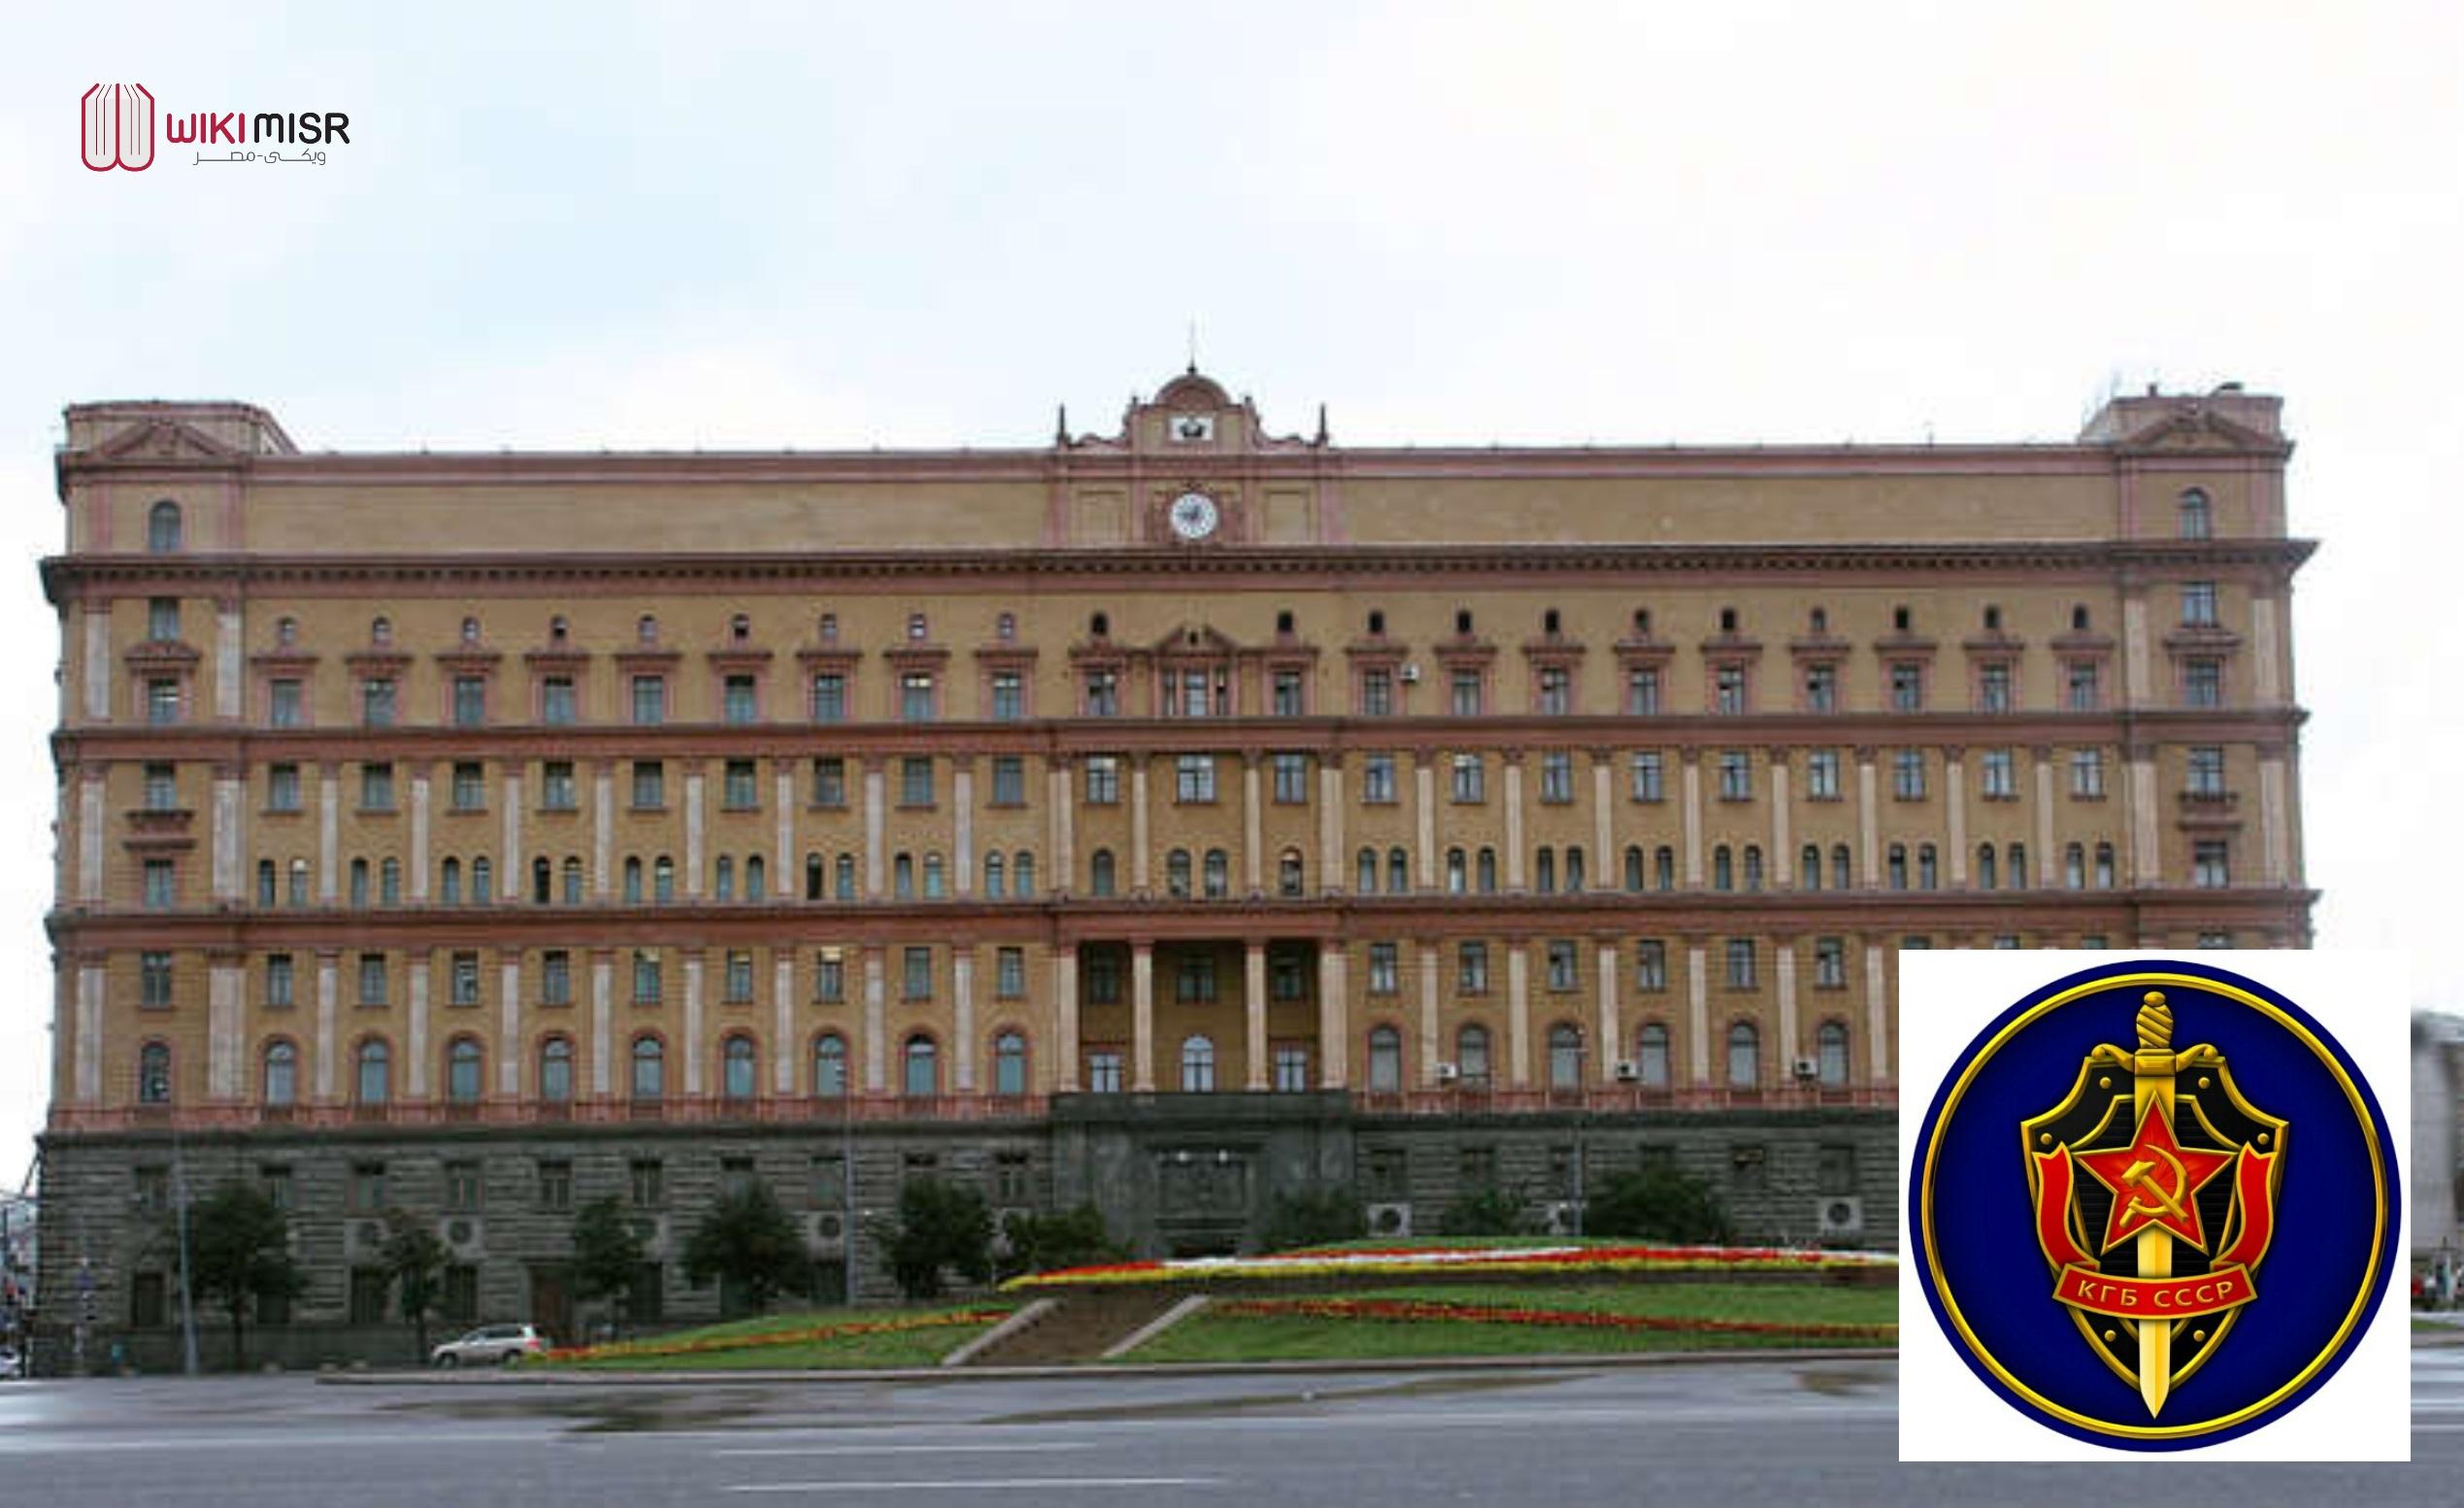 أهم ما تريد معرفته عن المخابرات السوفييتية (K.G.B)